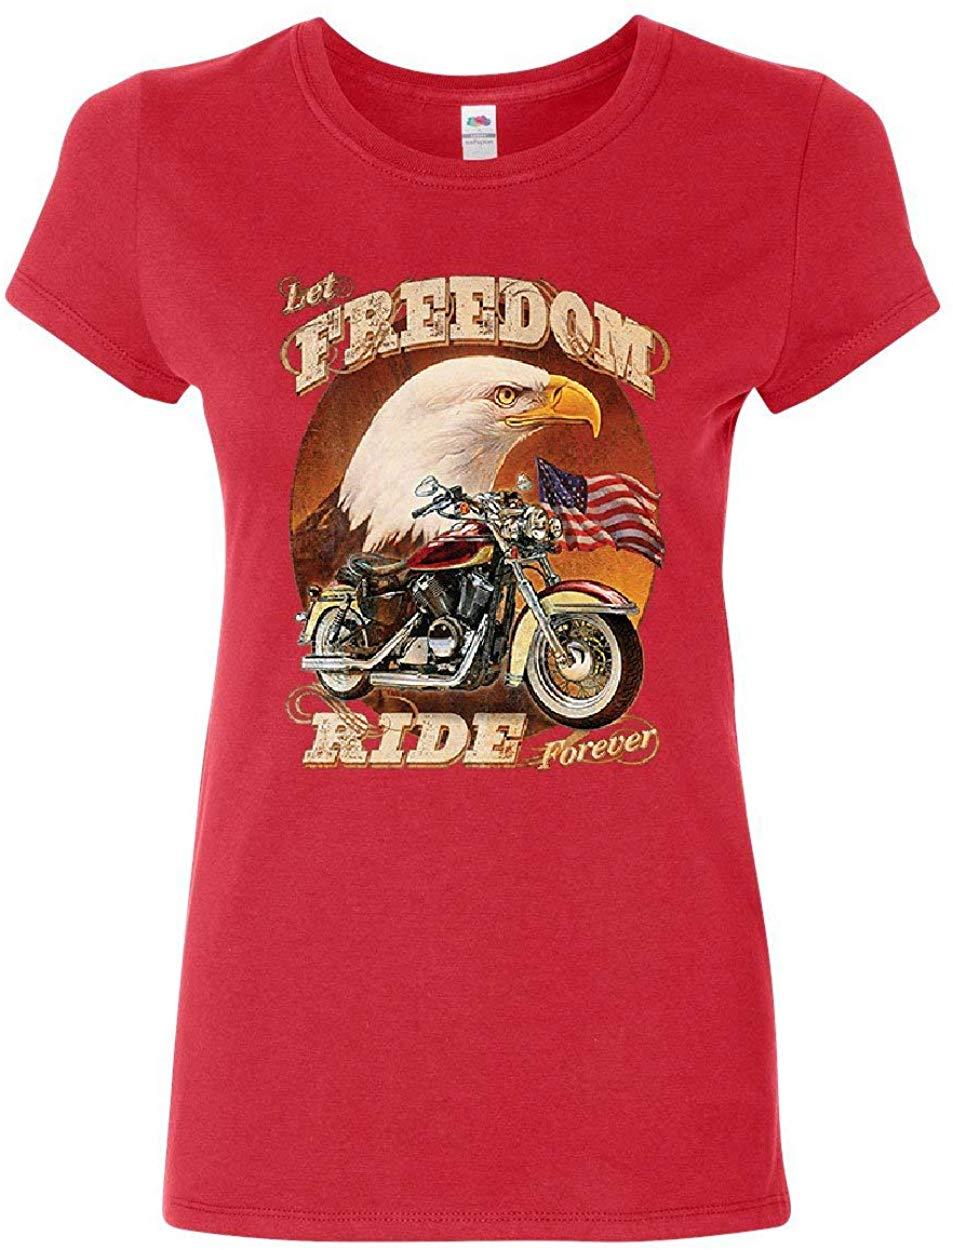 Camiseta Let Freedom Ride Forever para mujer, camiseta de motorista con bandera americana, águila calva, camiseta unisex para hombre y mujer